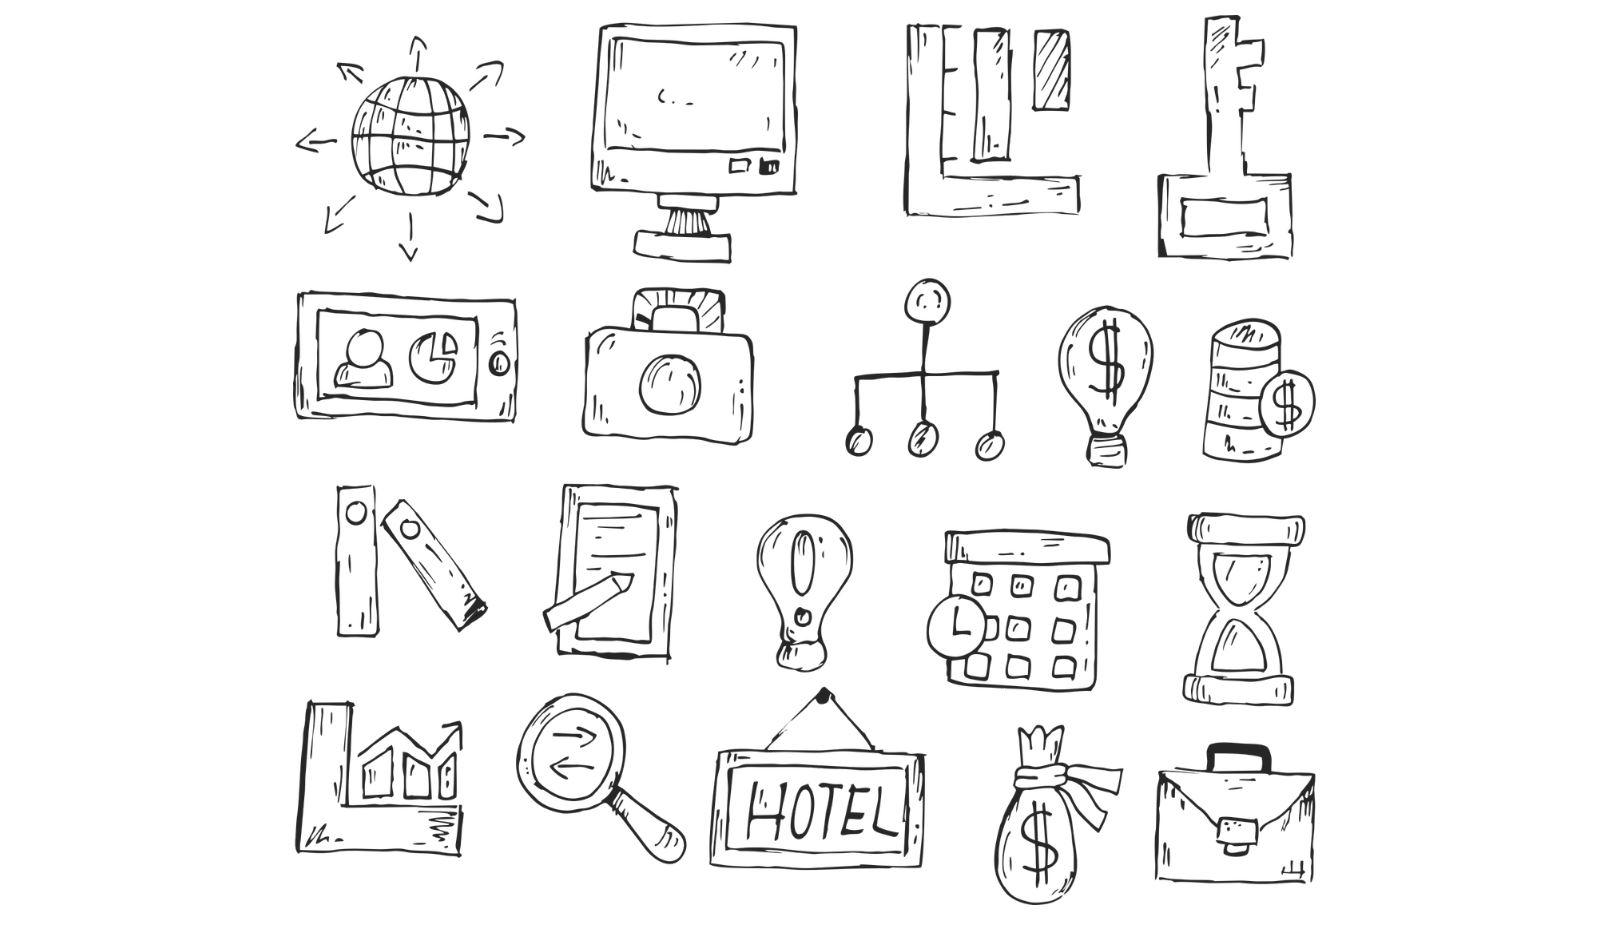 Icone gratuite per i siti web